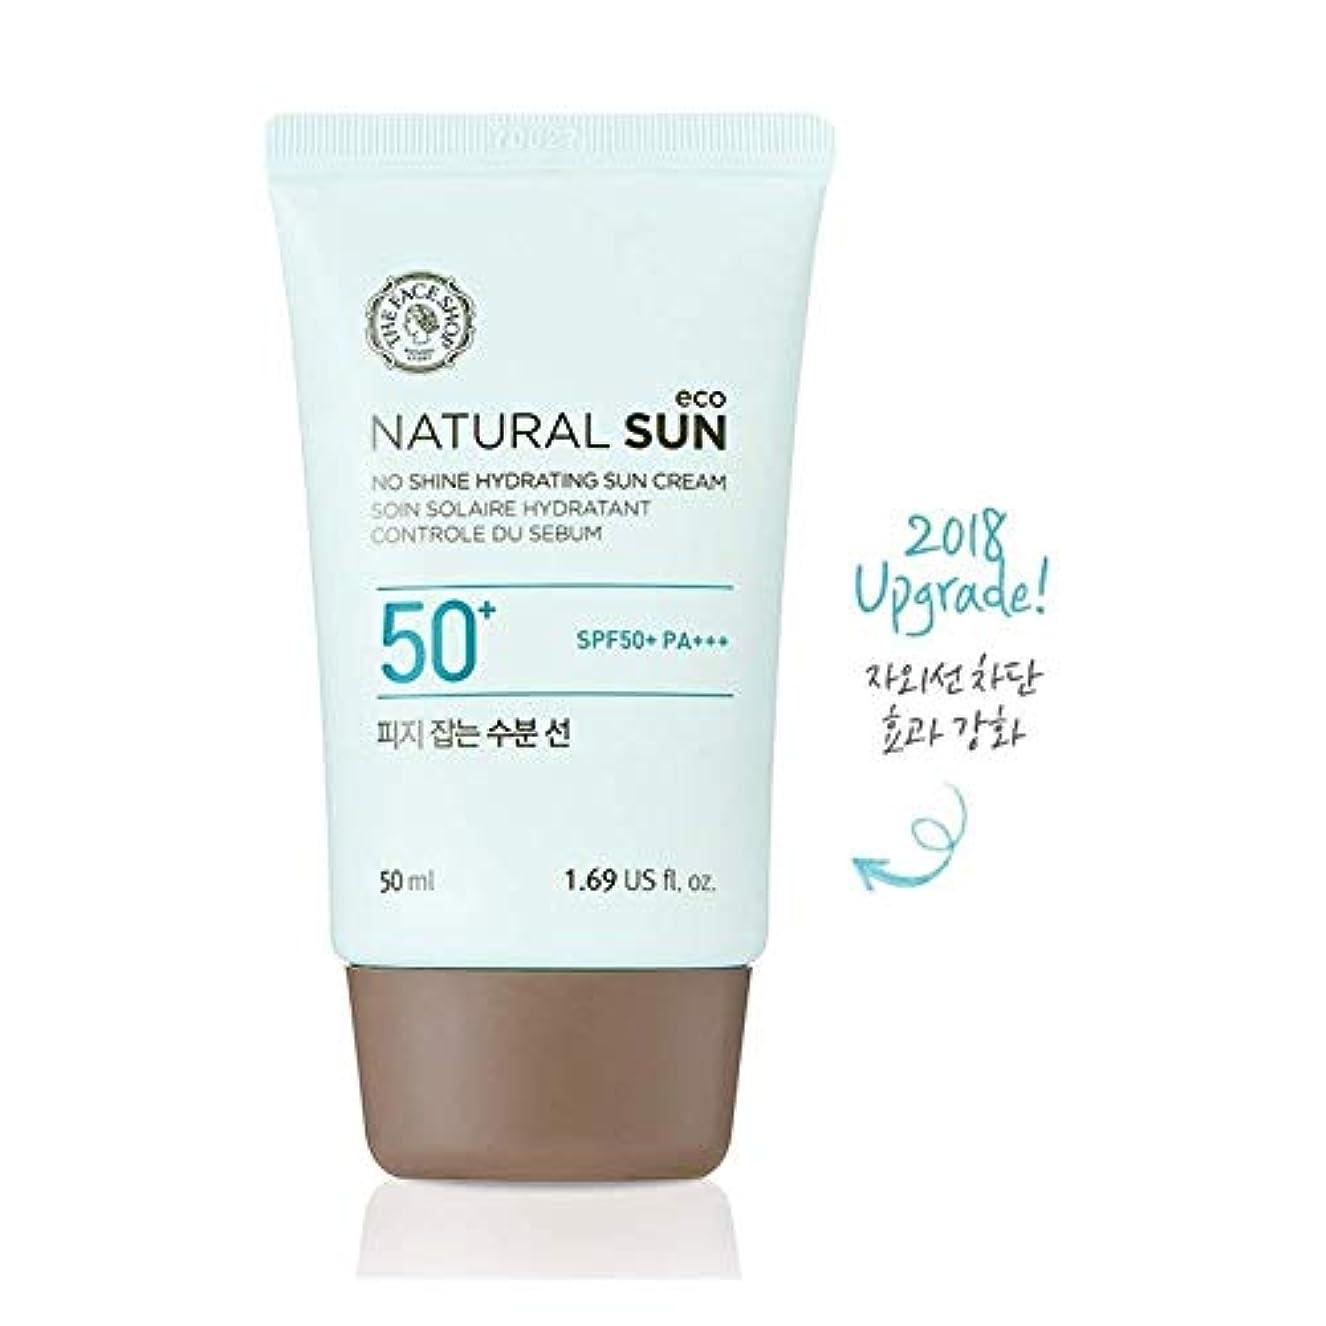 渦簡略化する事実ザ?フェイスショップ ネチュロルソンエコフィジーサン?クリーム SPF50+PA+++50ml 韓国コスメ、The Face Shop Natural Sun Eco No Shine Hydrating Sun Cream...